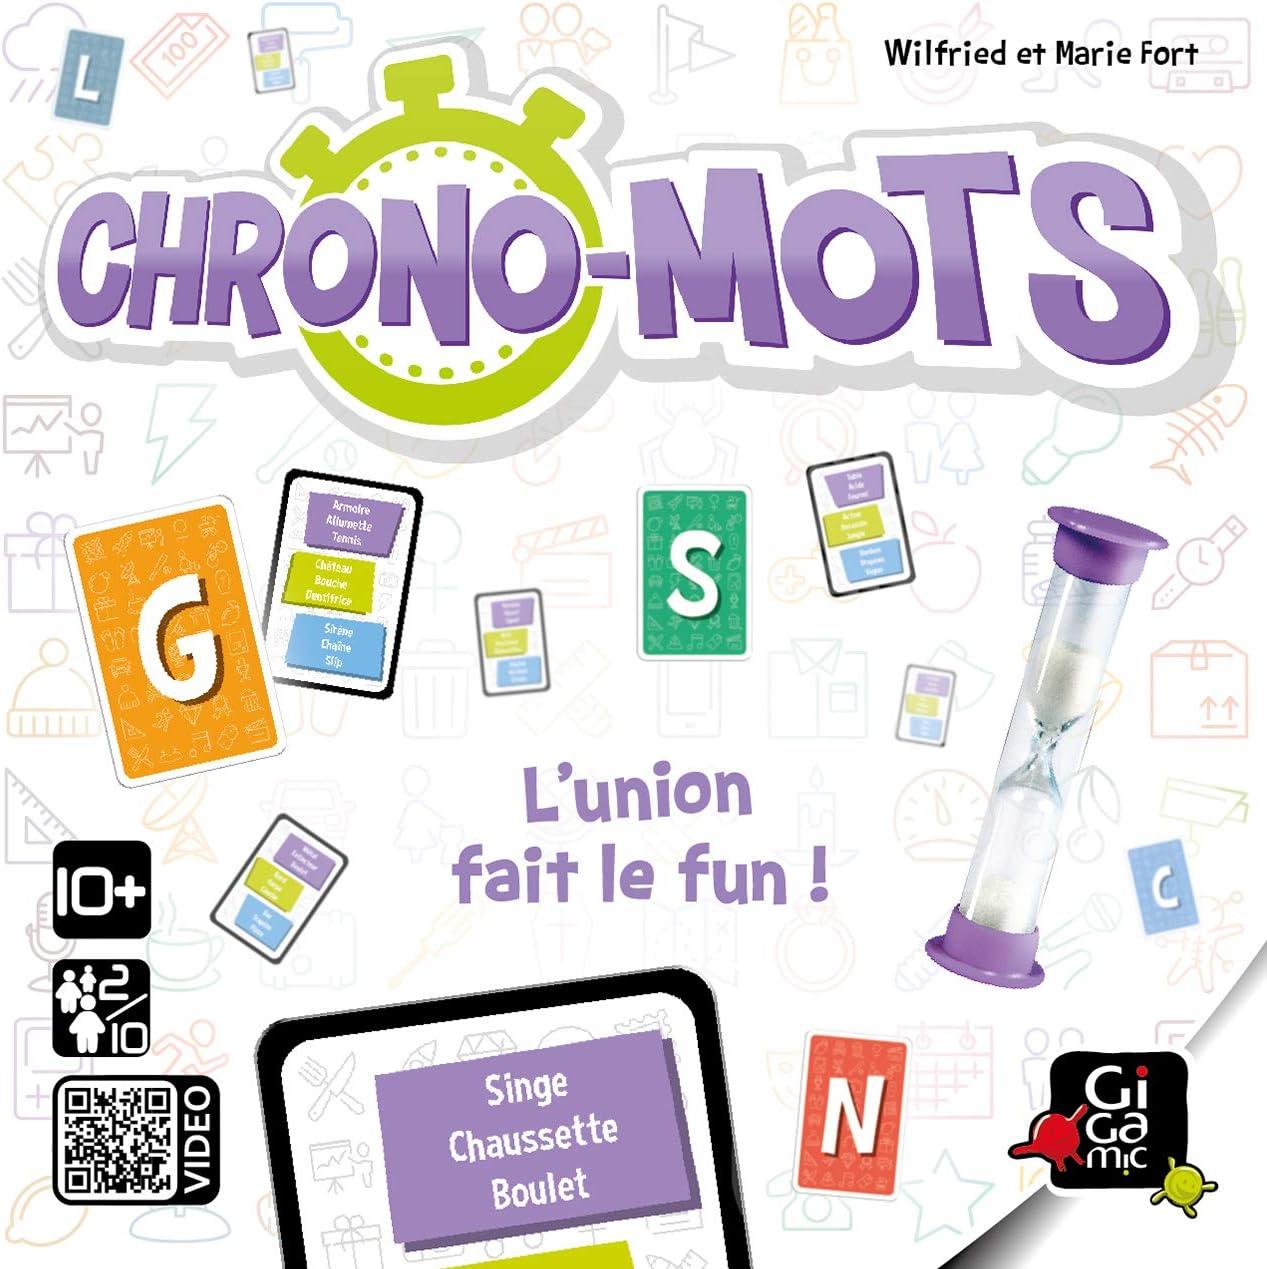 GIGAMIC – Juego de Cartas (Chrono-mots, GBCH: Amazon.es: Juguetes y juegos